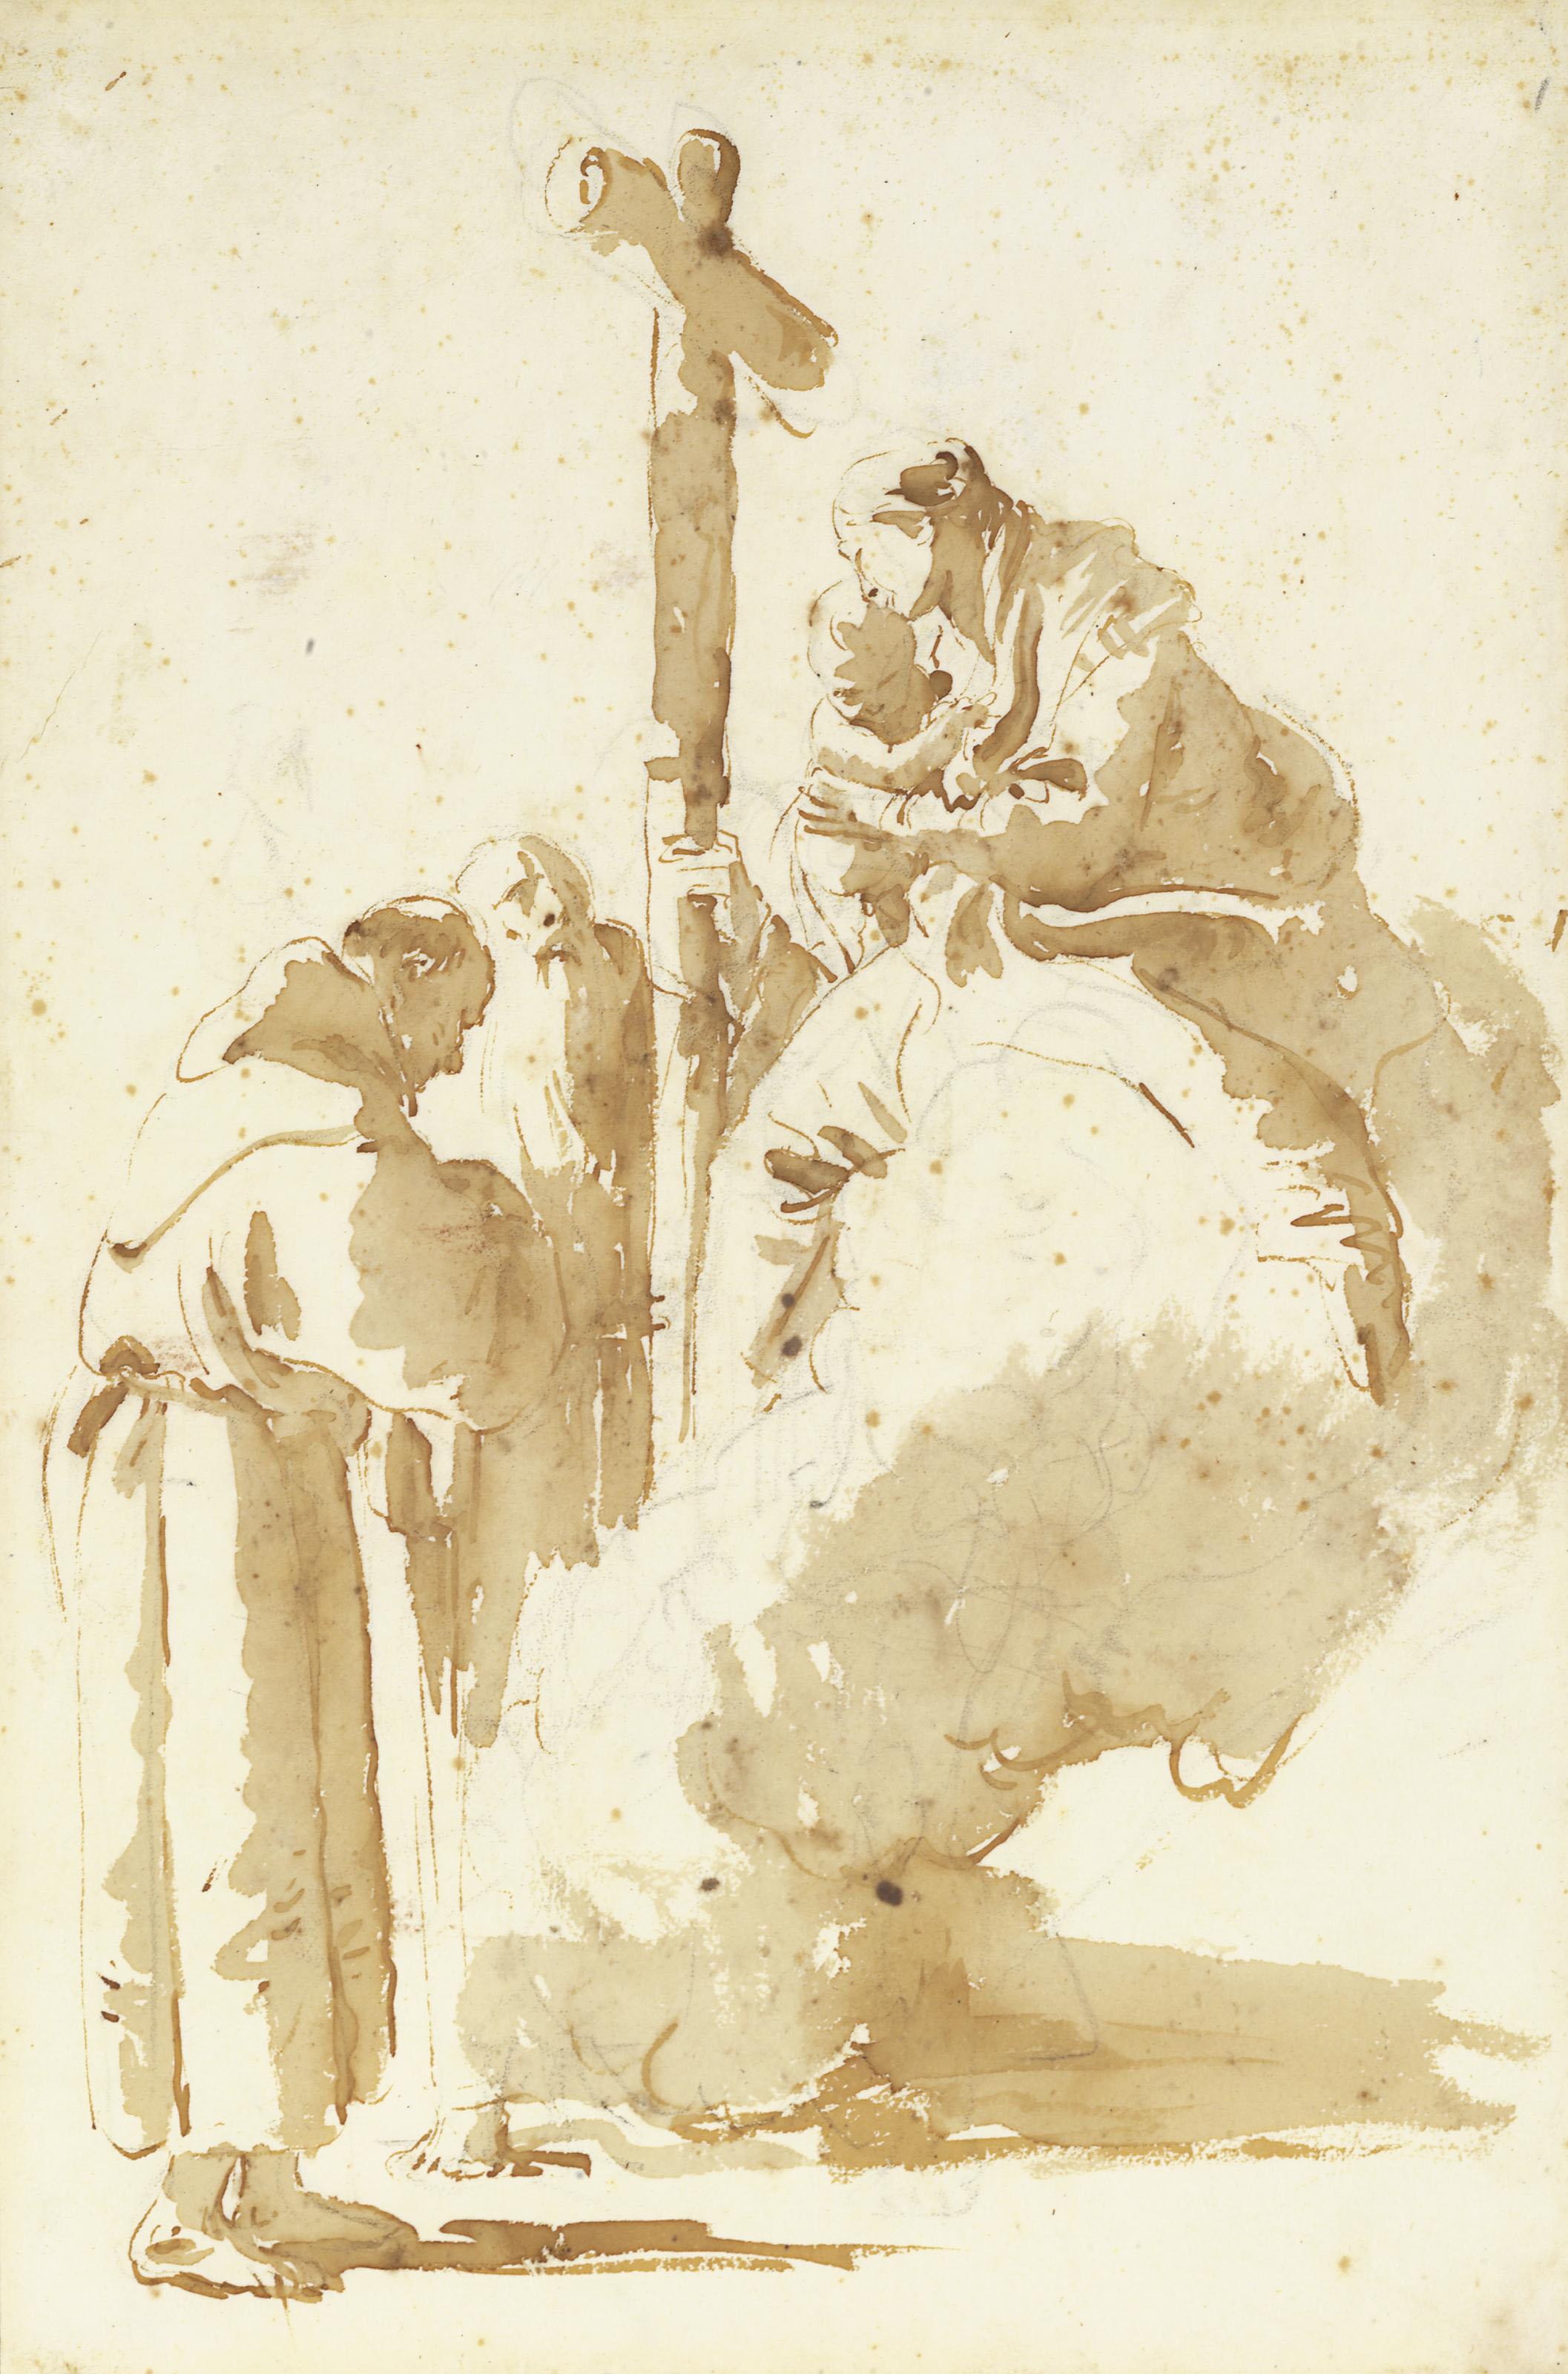 Saint Antoine et un abbé adorant la Vierge à l'enfant